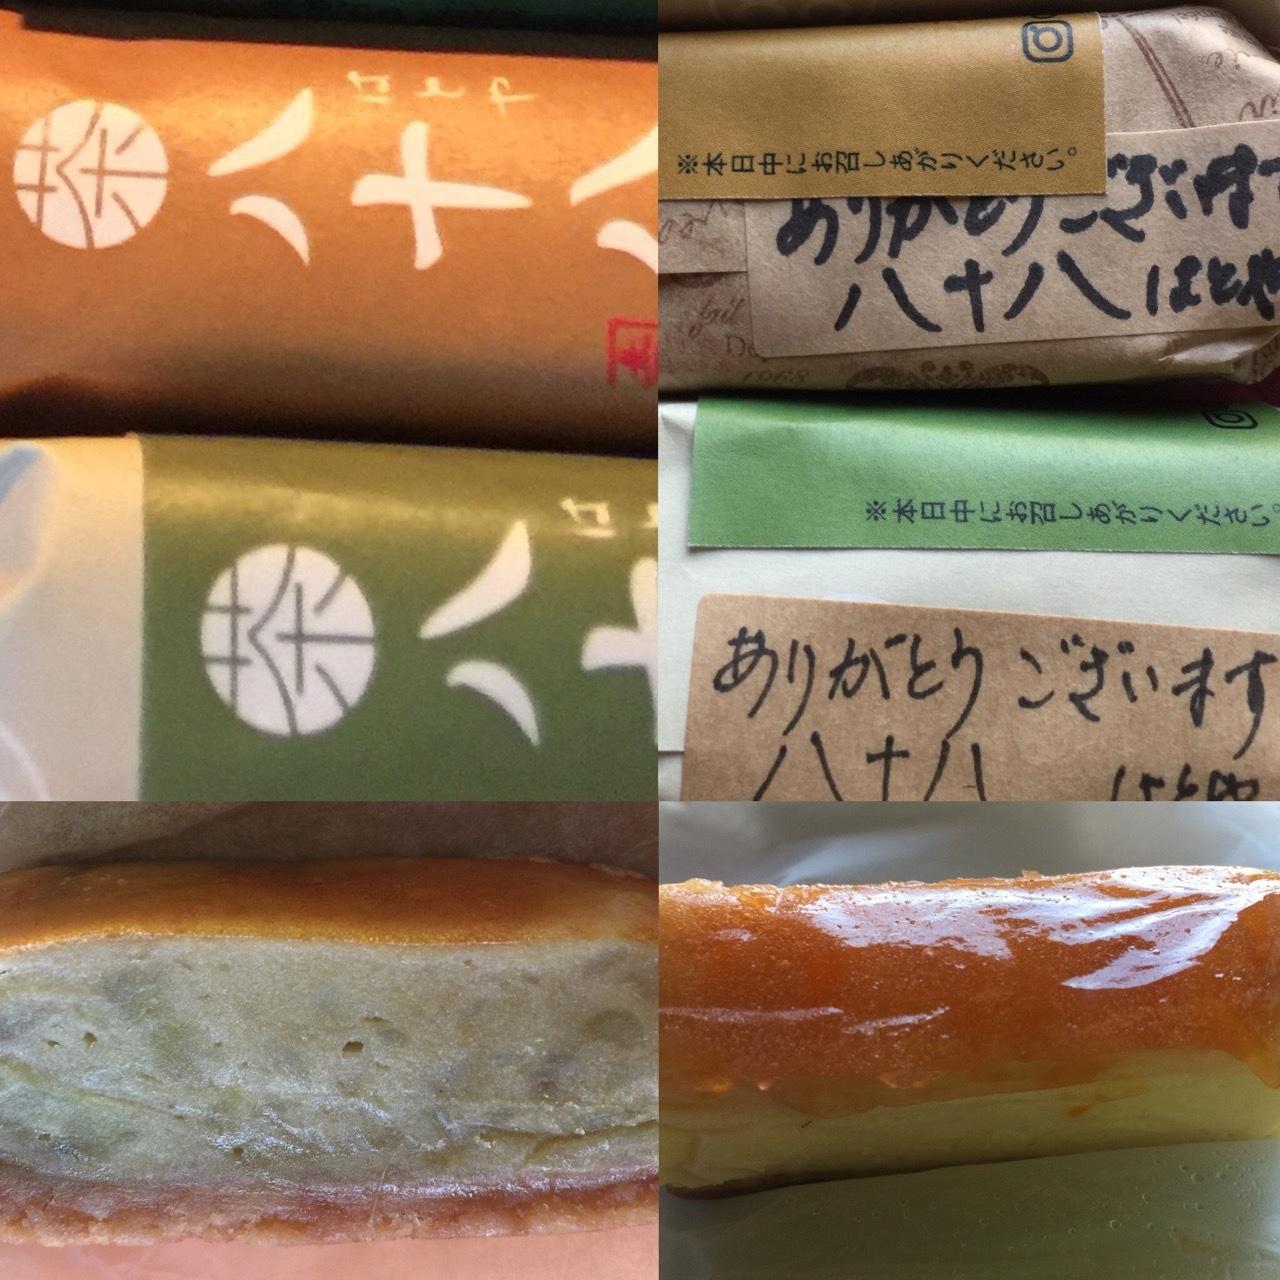 hatoya_20180428_1.jpg